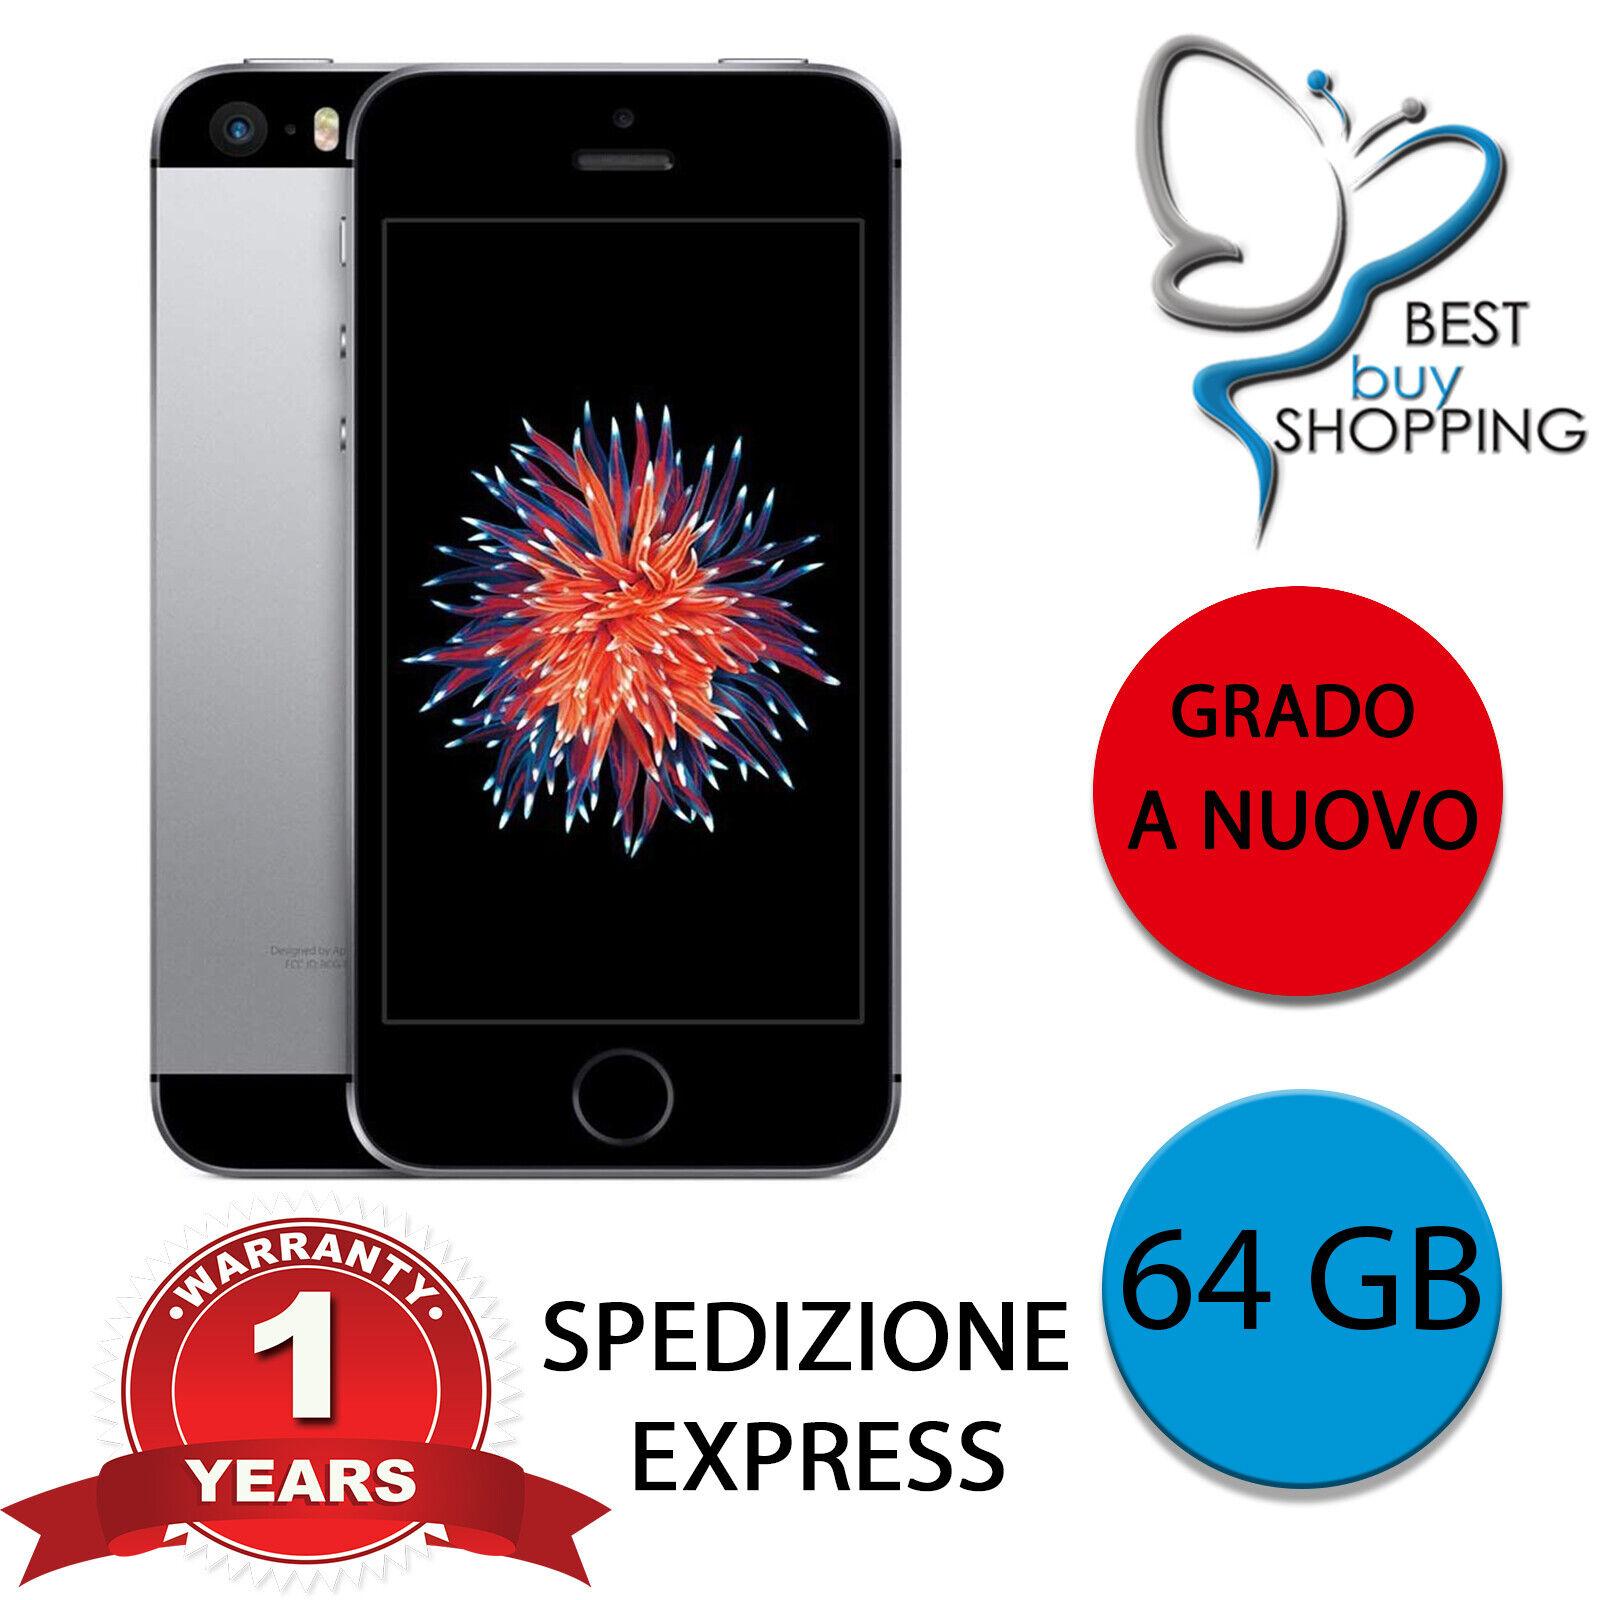 iPhone: IPHONE SE RIGENERATO A NUOVO 64 GB nero space ORIGINALE APPLE + GARANZIA 1 ANNO